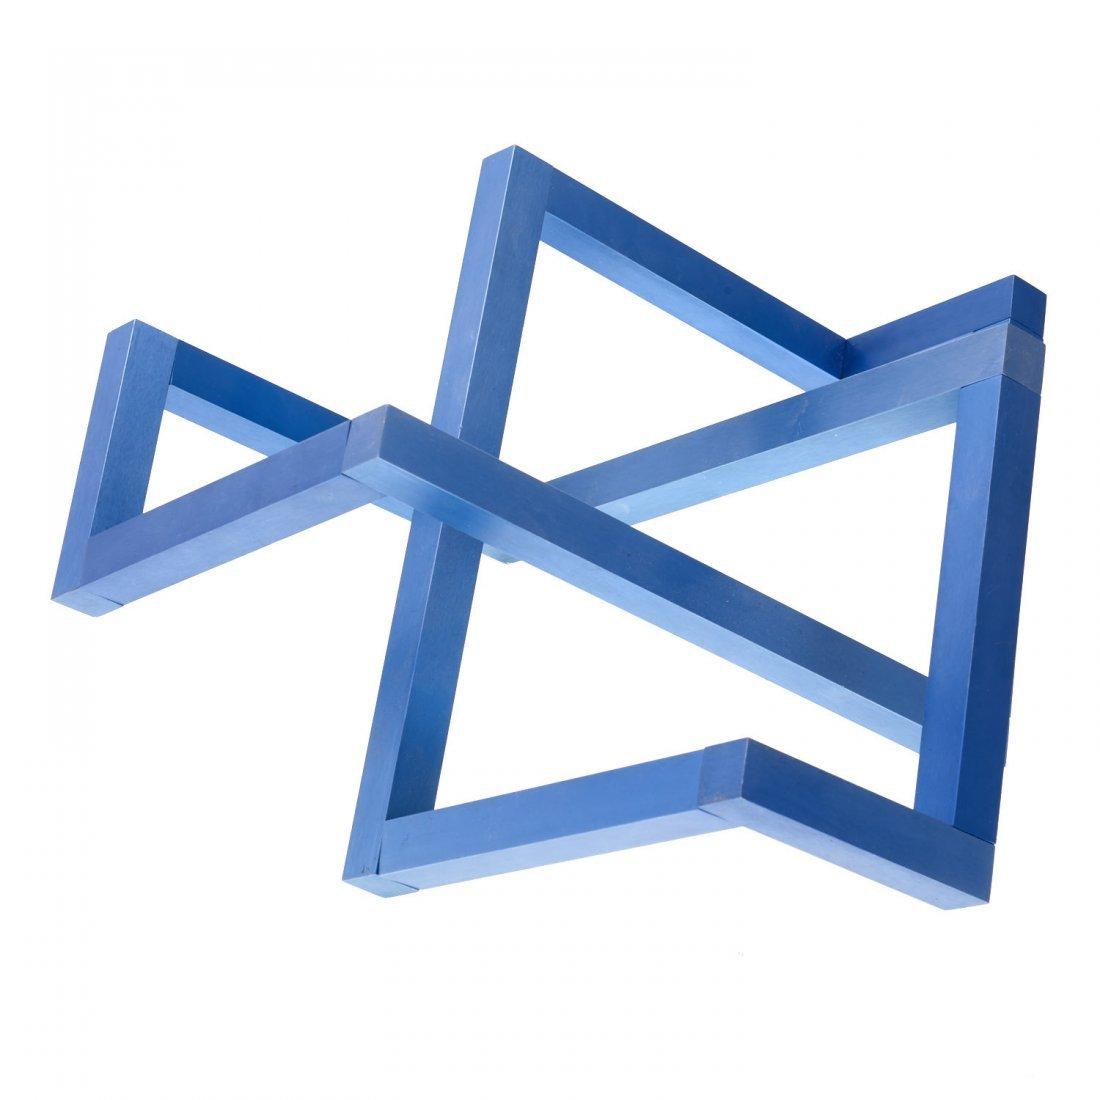 Forrest Myers geometric aluminum sculpture